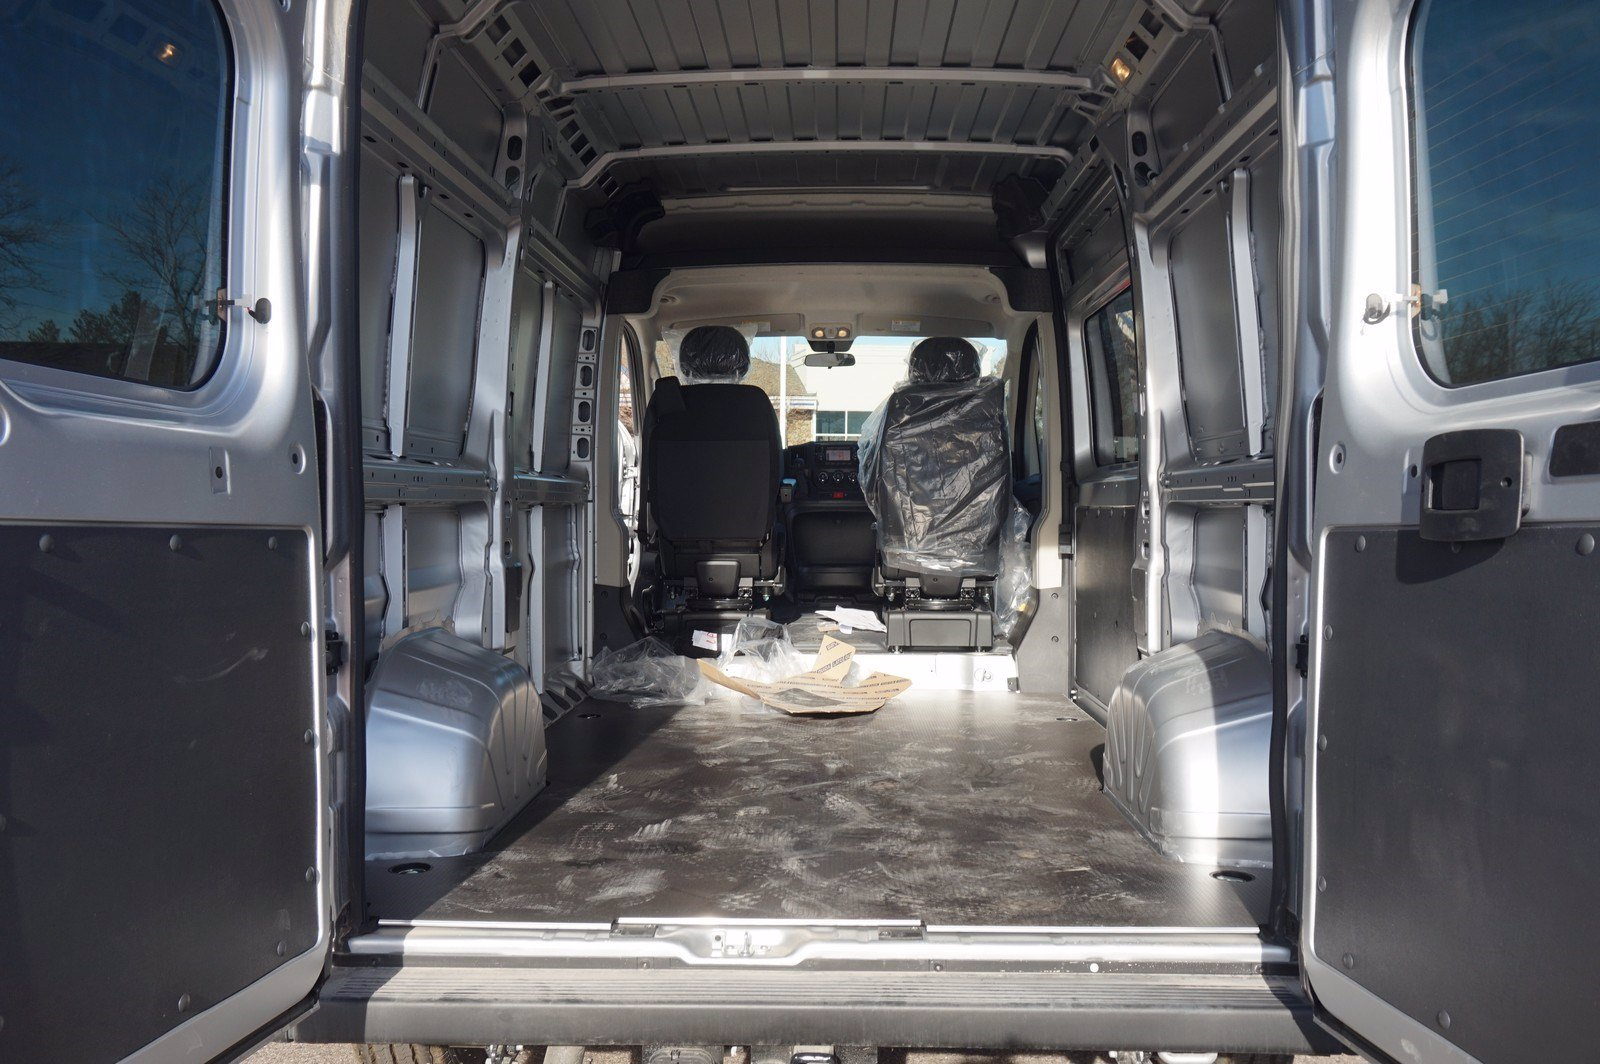 2021 Ram ProMaster 1500 High Roof FWD, Empty Cargo Van #6895U - photo 1